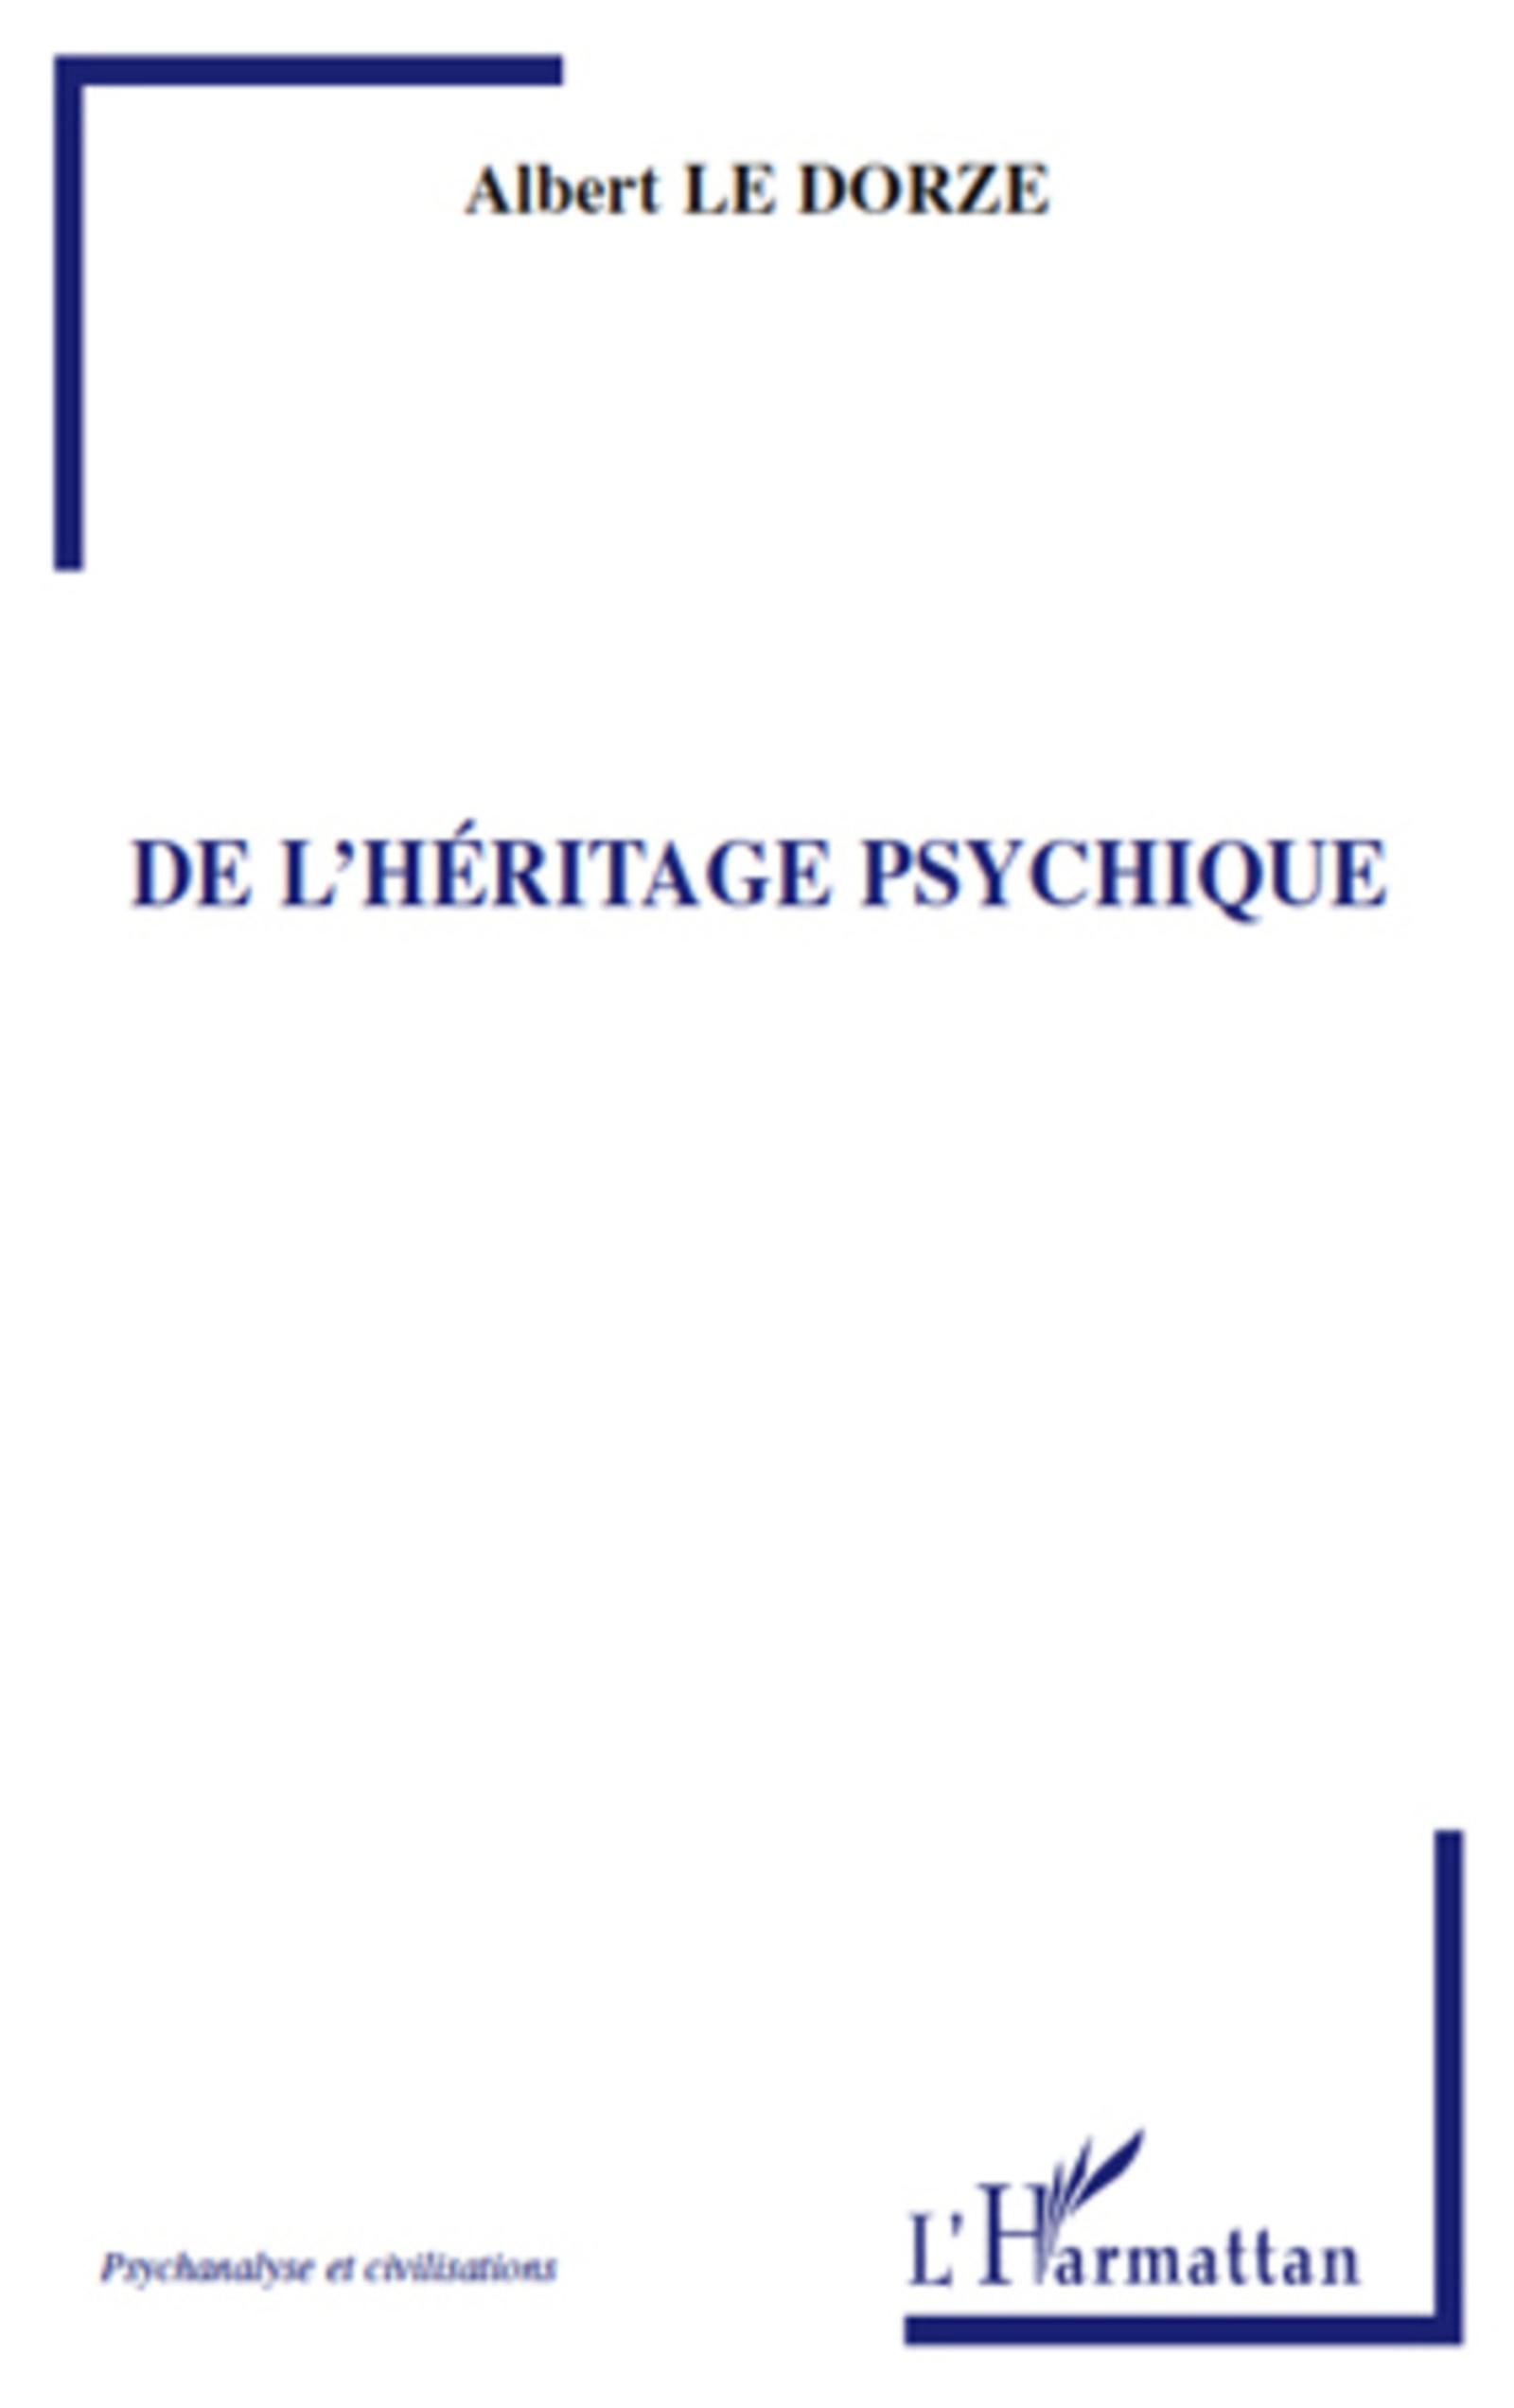 De l'héritage psychique